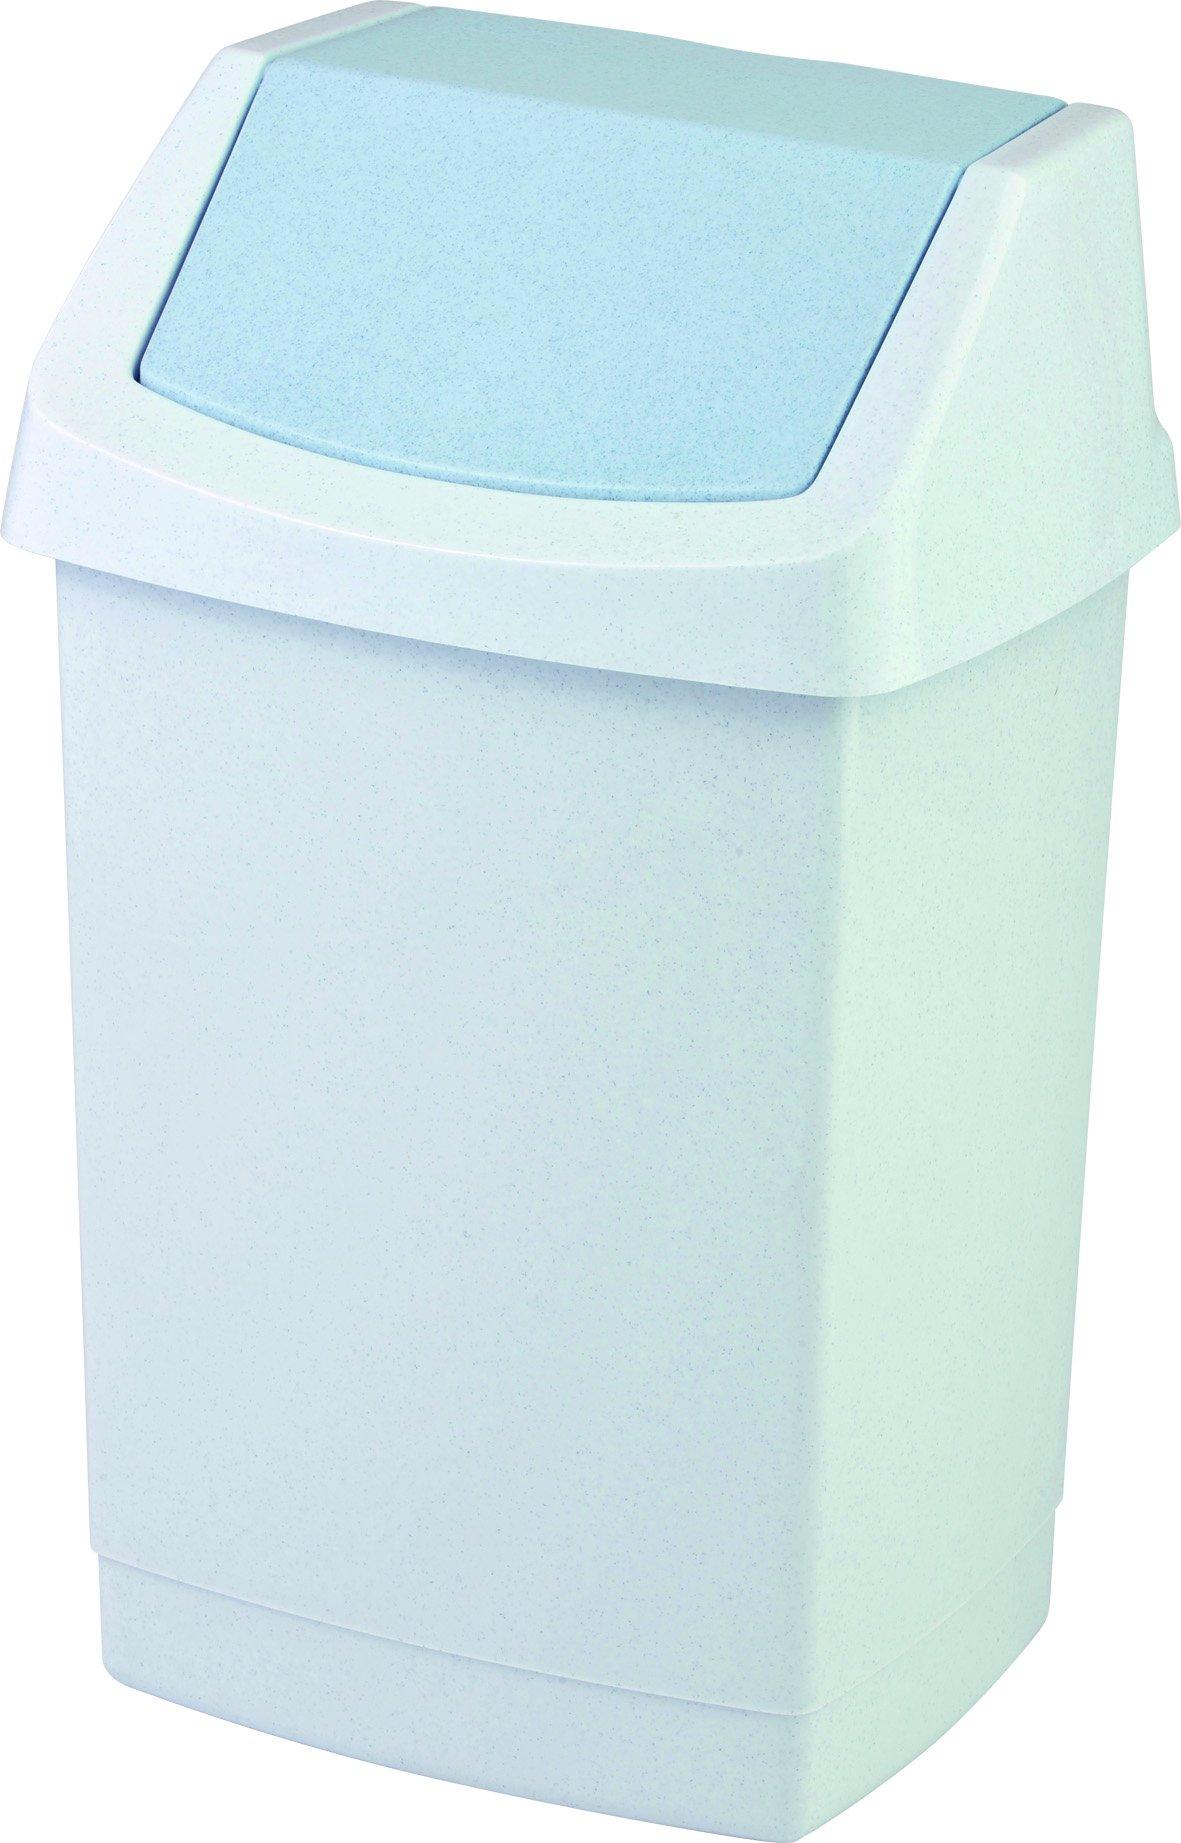 Curver odpadkový koš, CLICK-IT, šedý, 50l